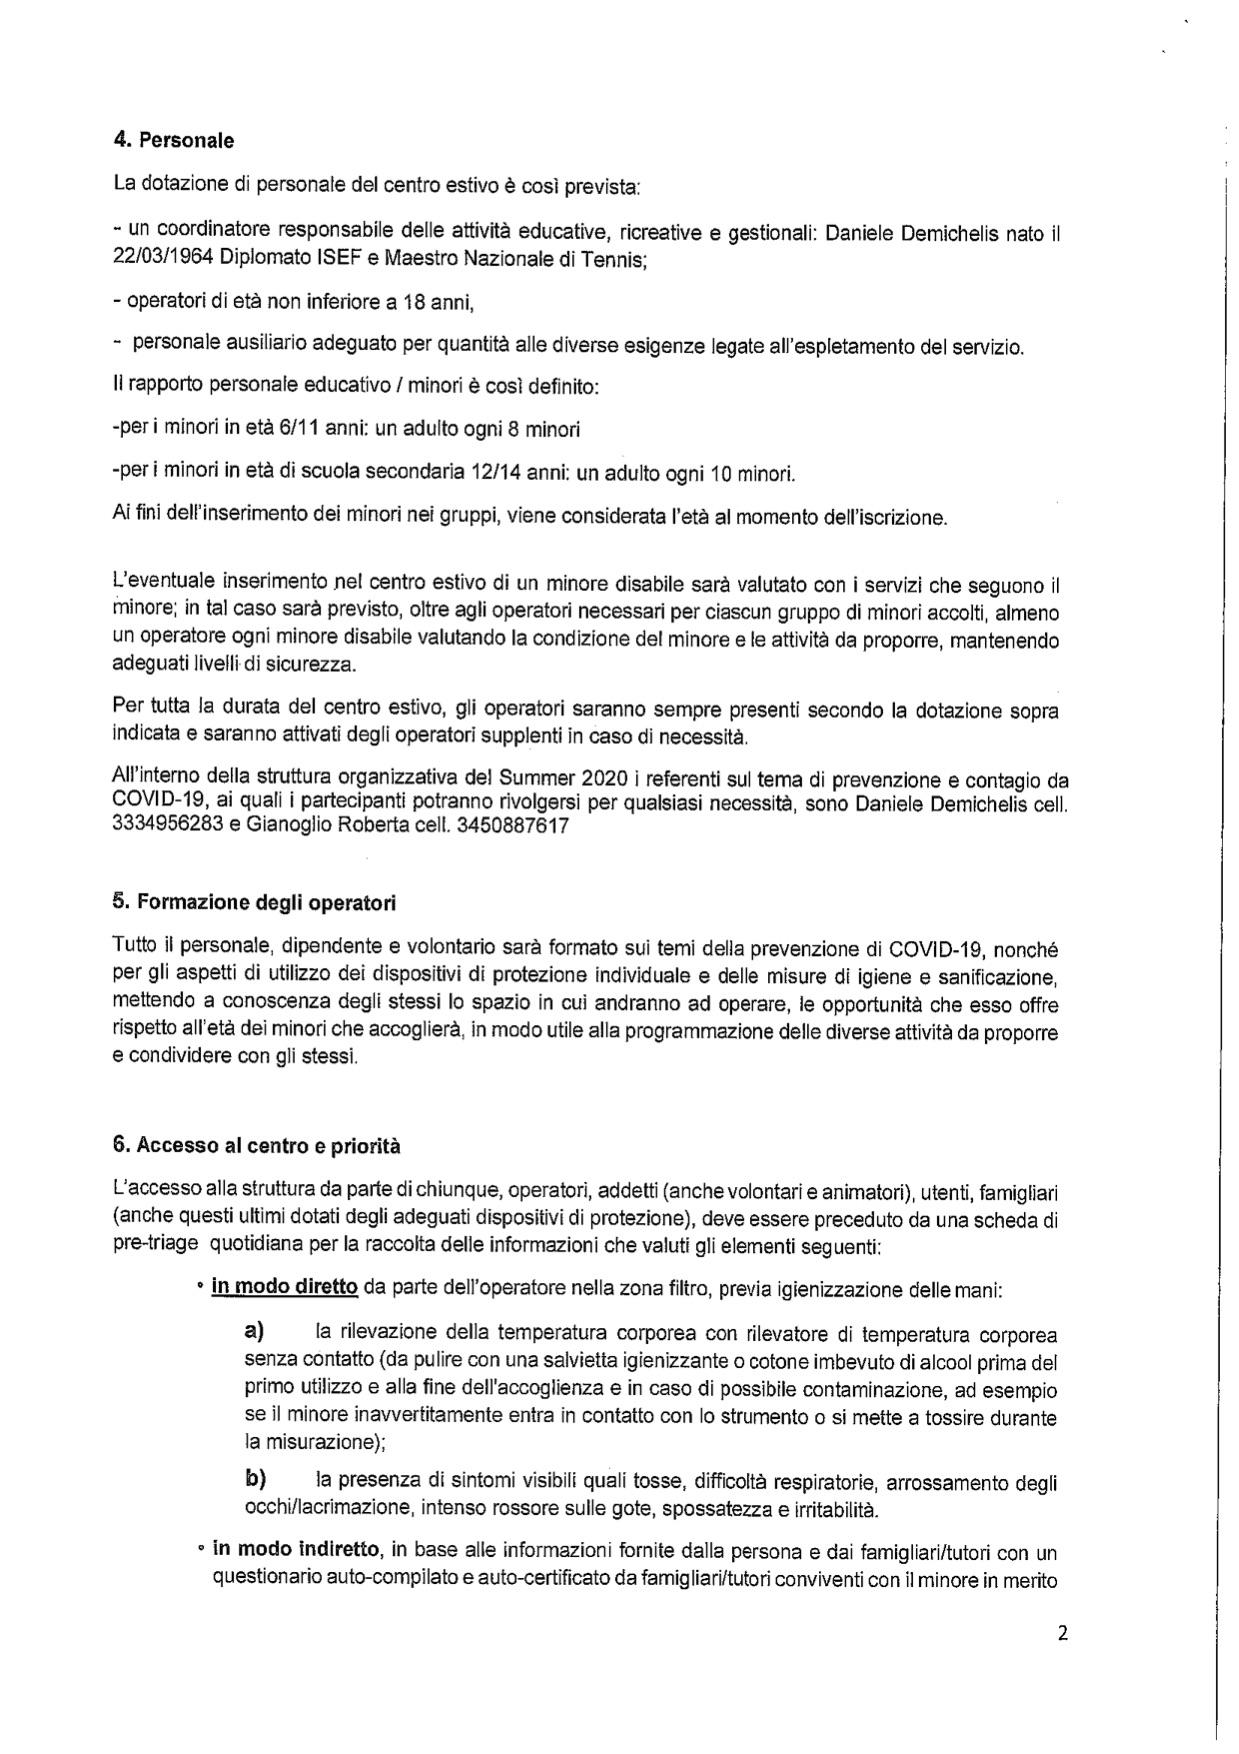 regolamento-definitivo-summer-2020-2